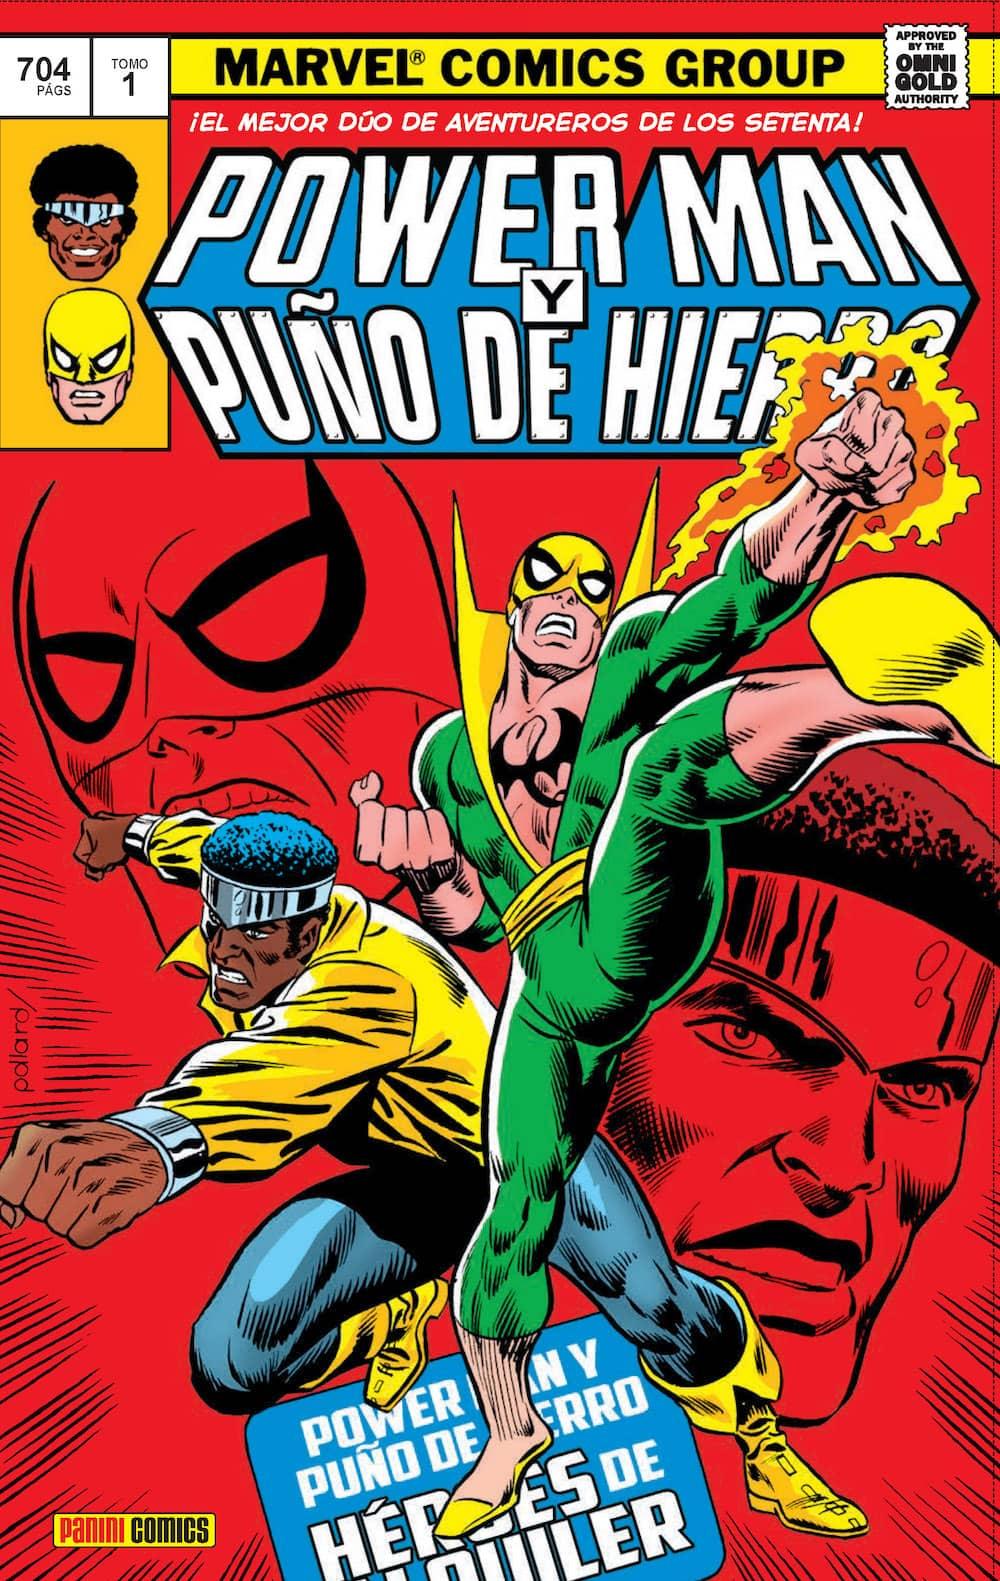 POWER MAN Y PUÑO DE HIERRO 01. HÉROES DE ALQUILER  (MARVEL GOLD)